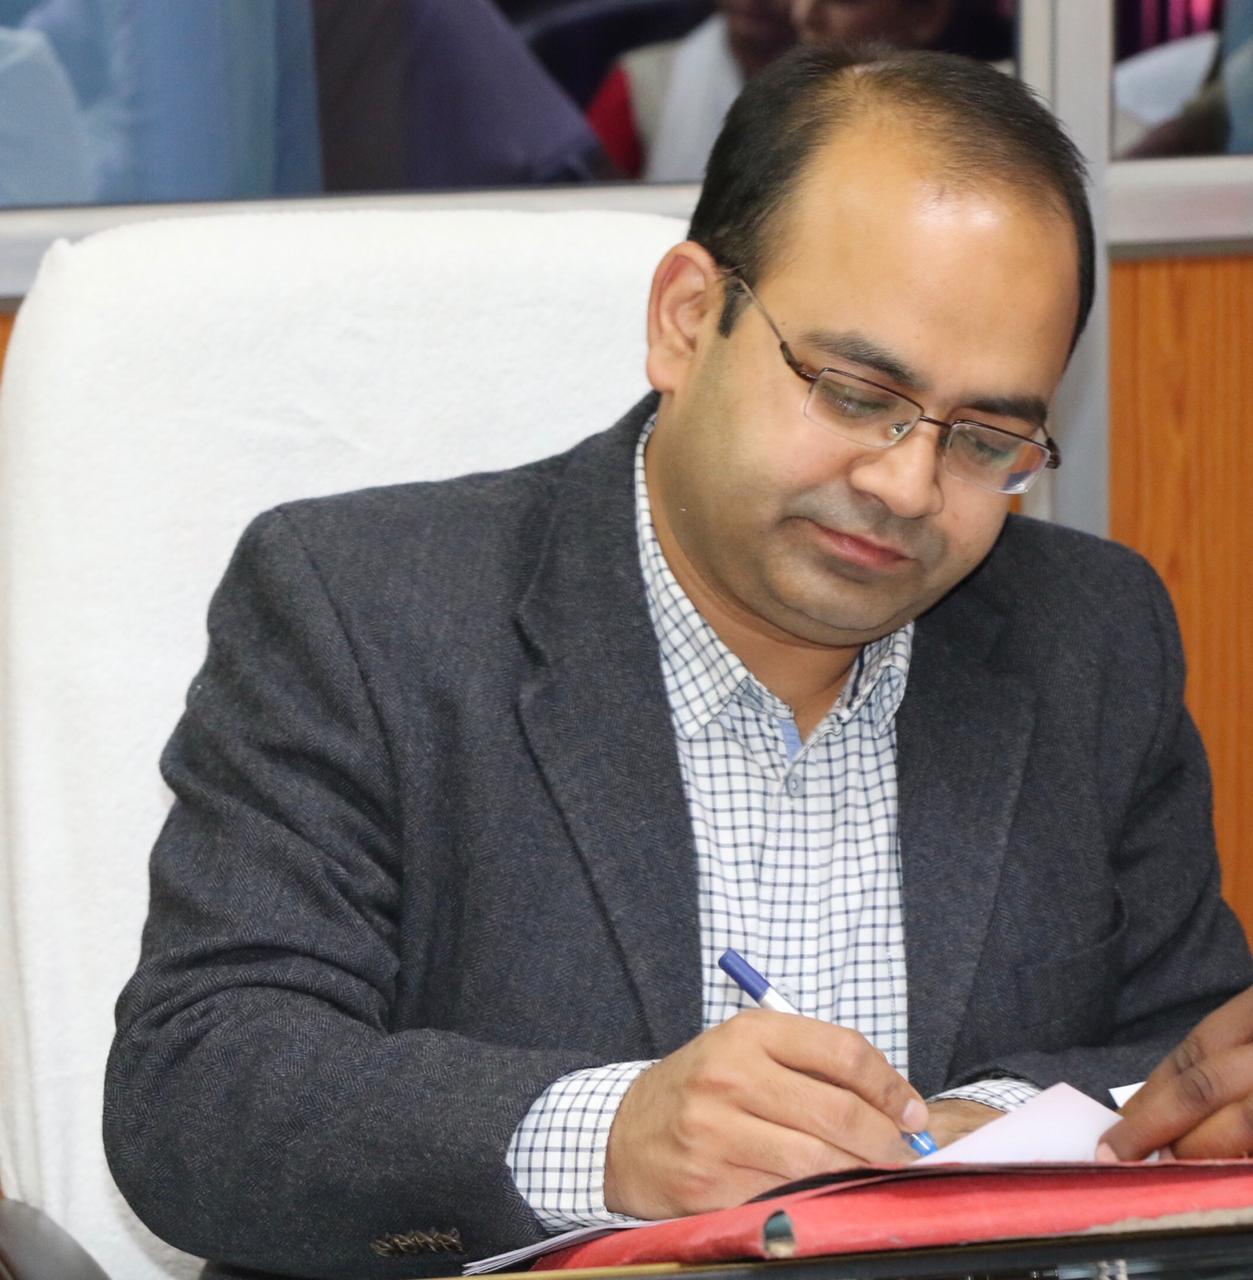 निर्वाचन प्रशिक्षण में अनुर्तीण हुए 27 सेवक, कम अंक पाने पर कलेक्टर ने थमाई नोटिस